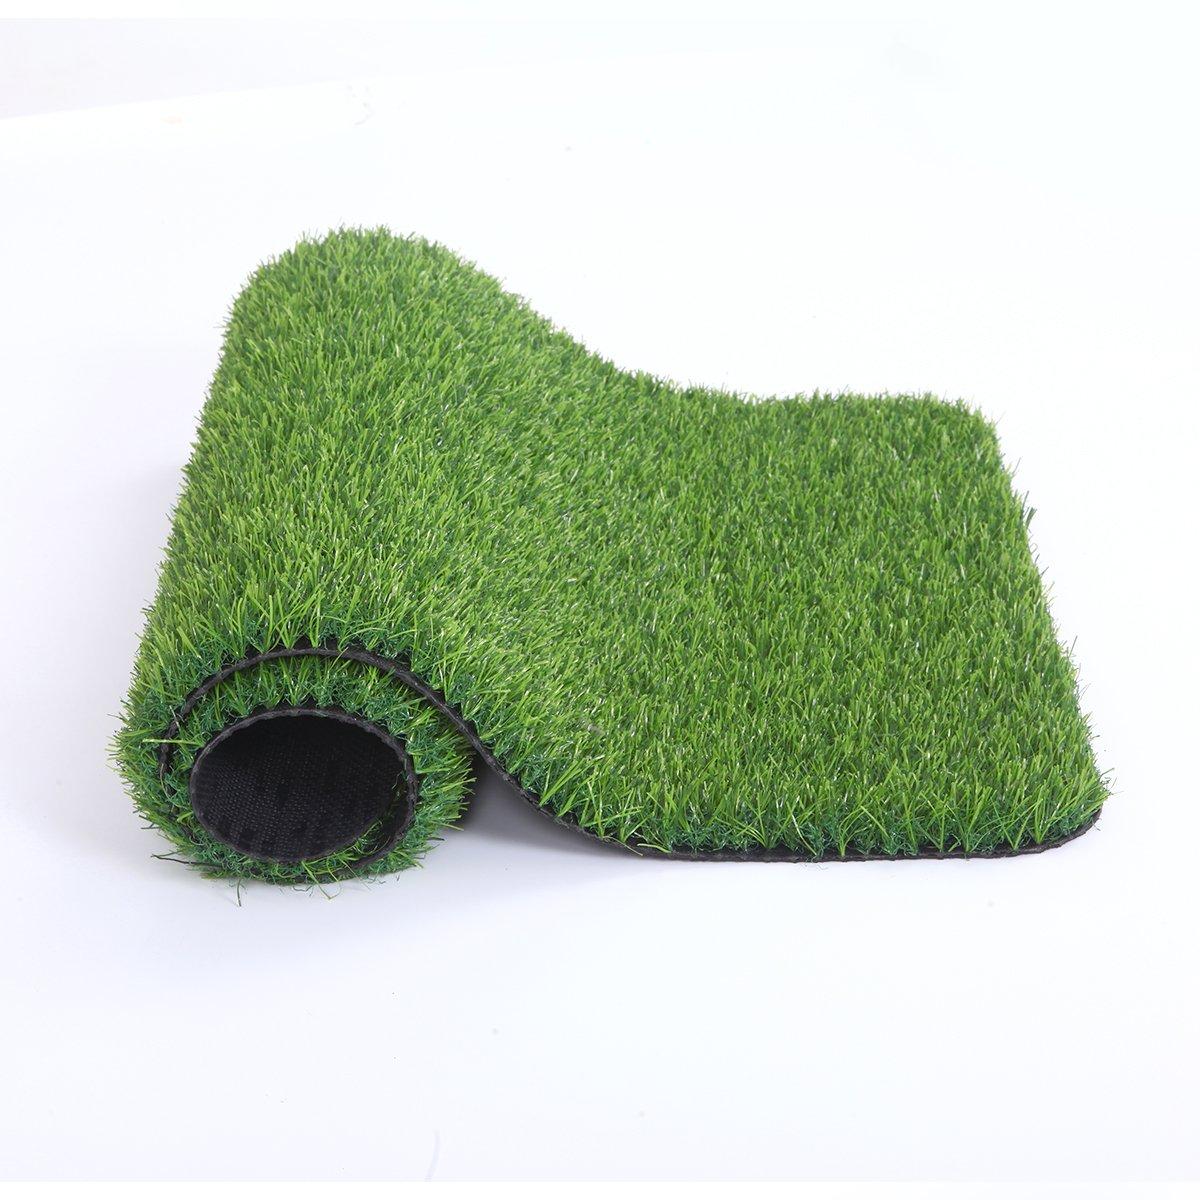 MAYSHINE Artificial Grass Door Mat Indoor/Outdoor rug Green Turf Perfect For Multi-Purpose Home Entryway Scraper Doormat dog Mats 20x28 inch